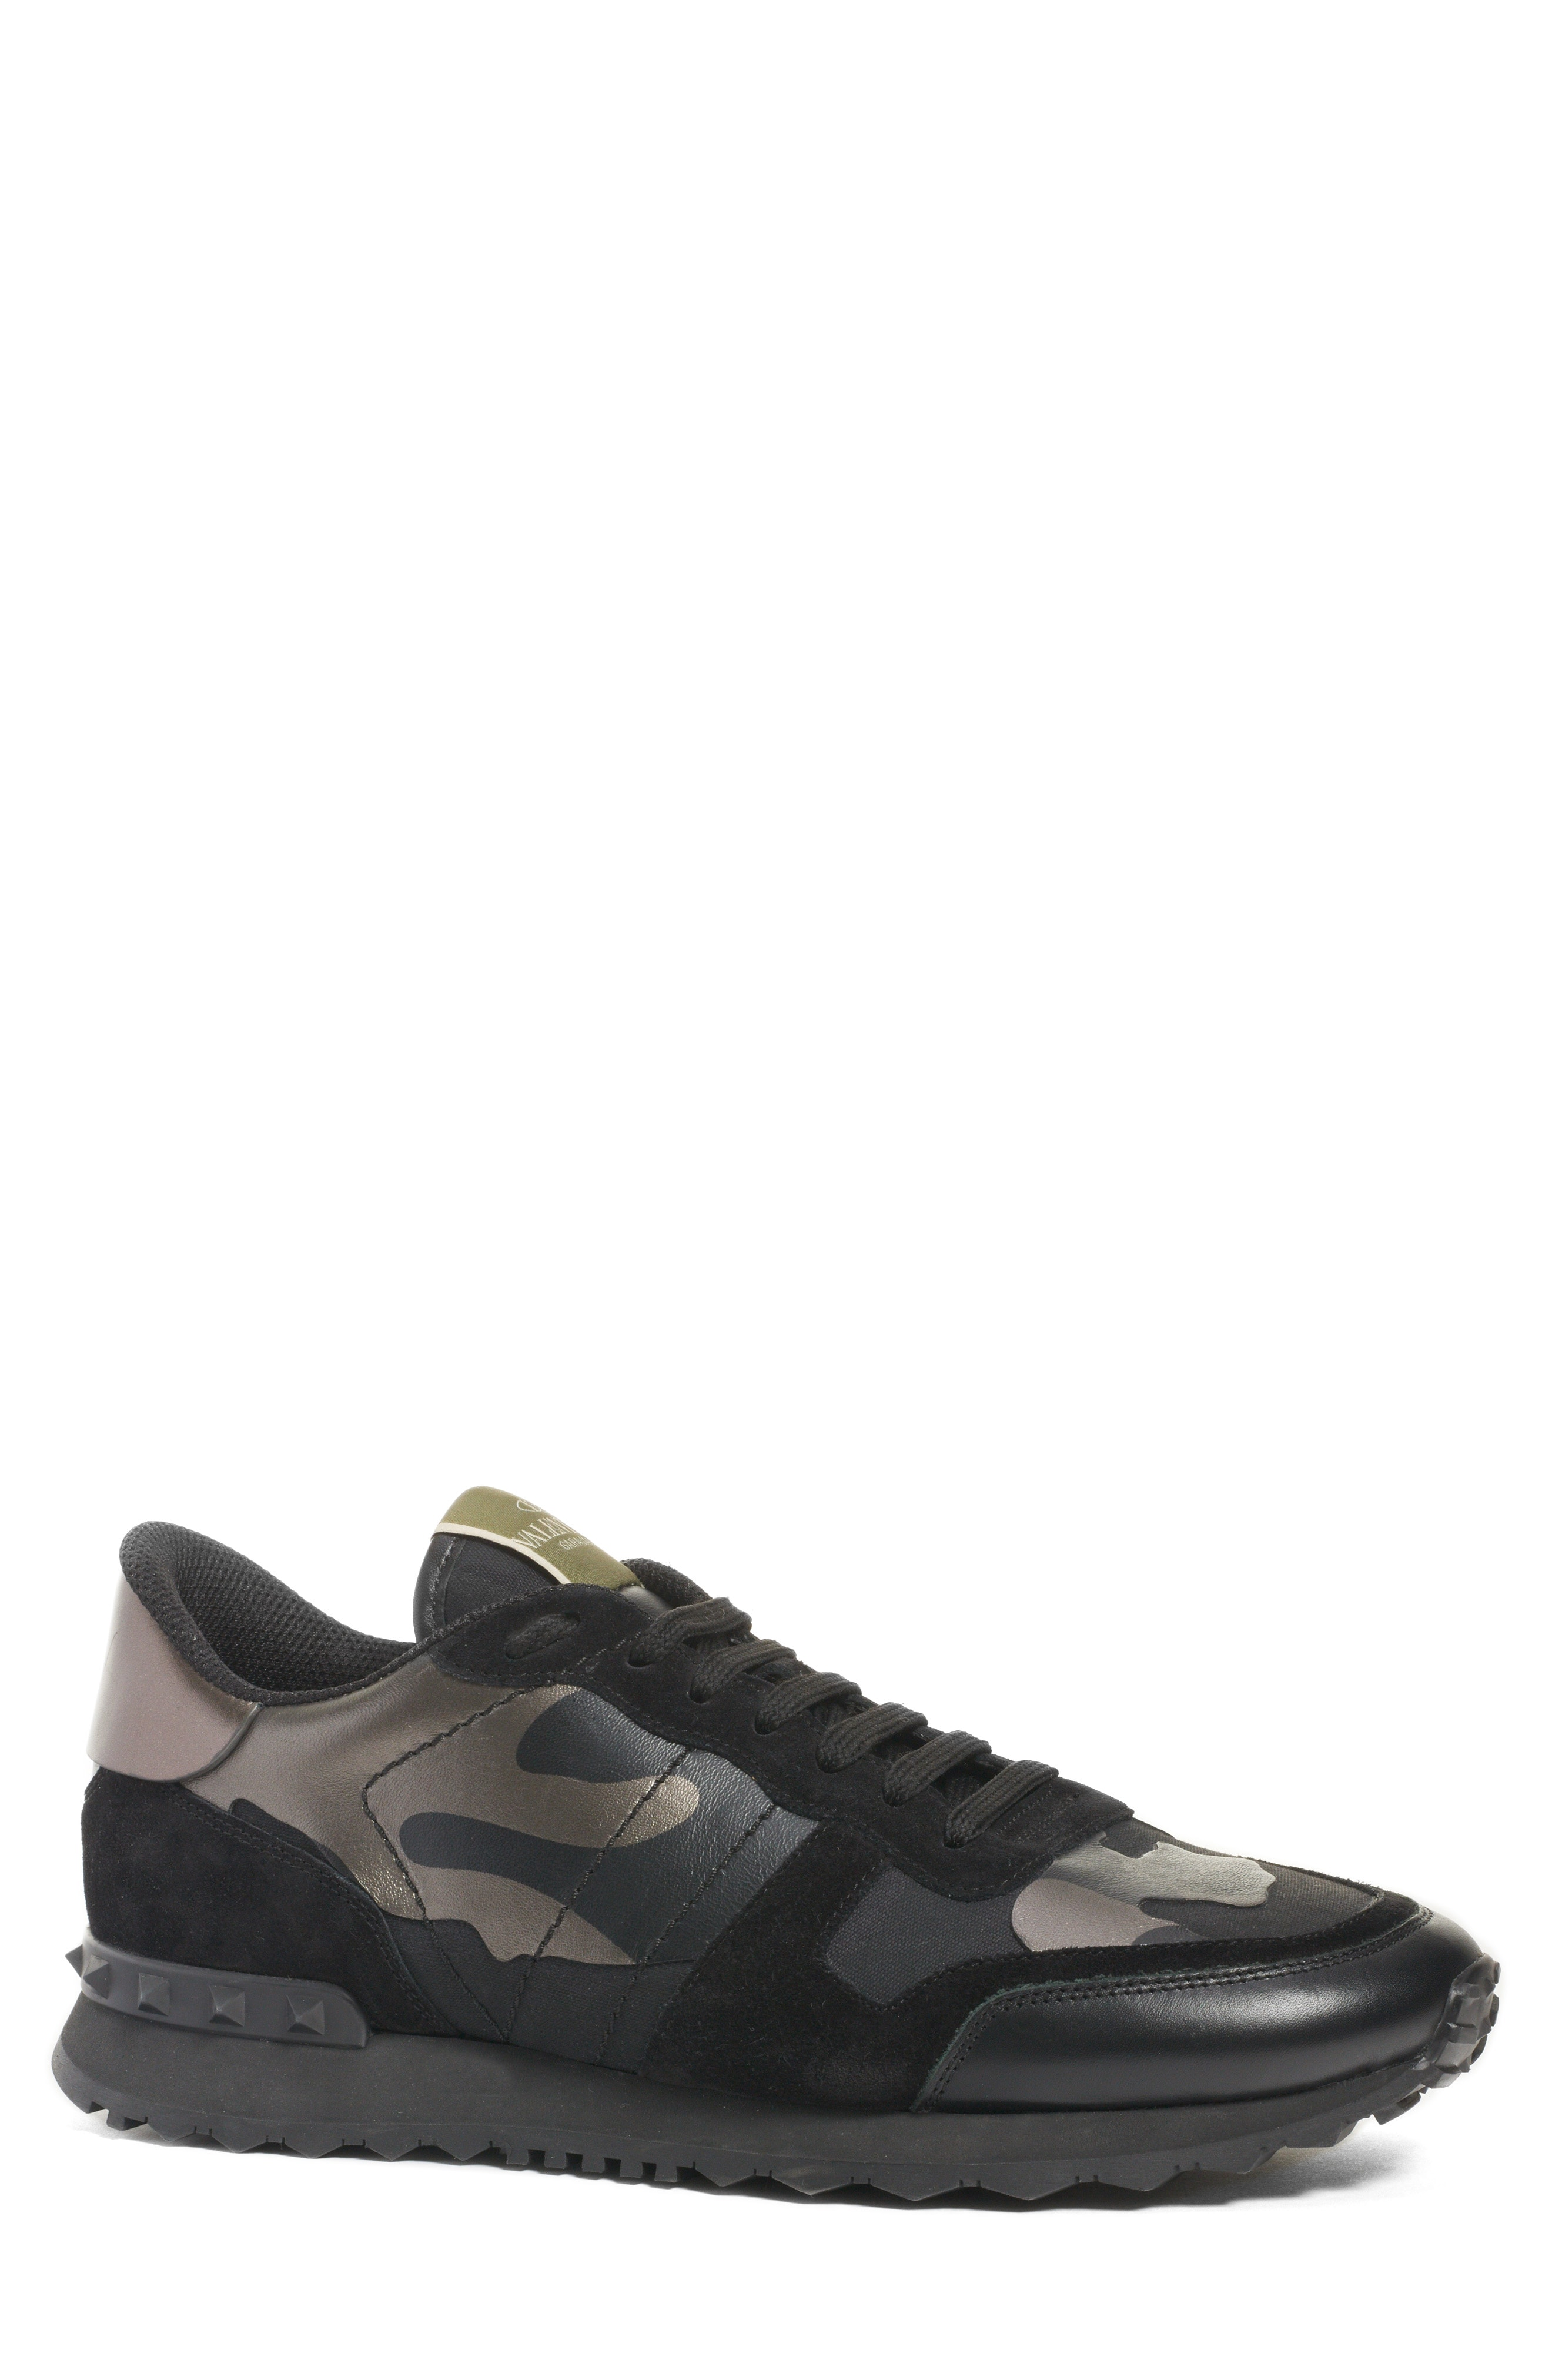 c9f3b3e8e4bc7 Men's Valentino Garavani Camo Rockrunner Sneaker, Size 7US / 40EU – Black